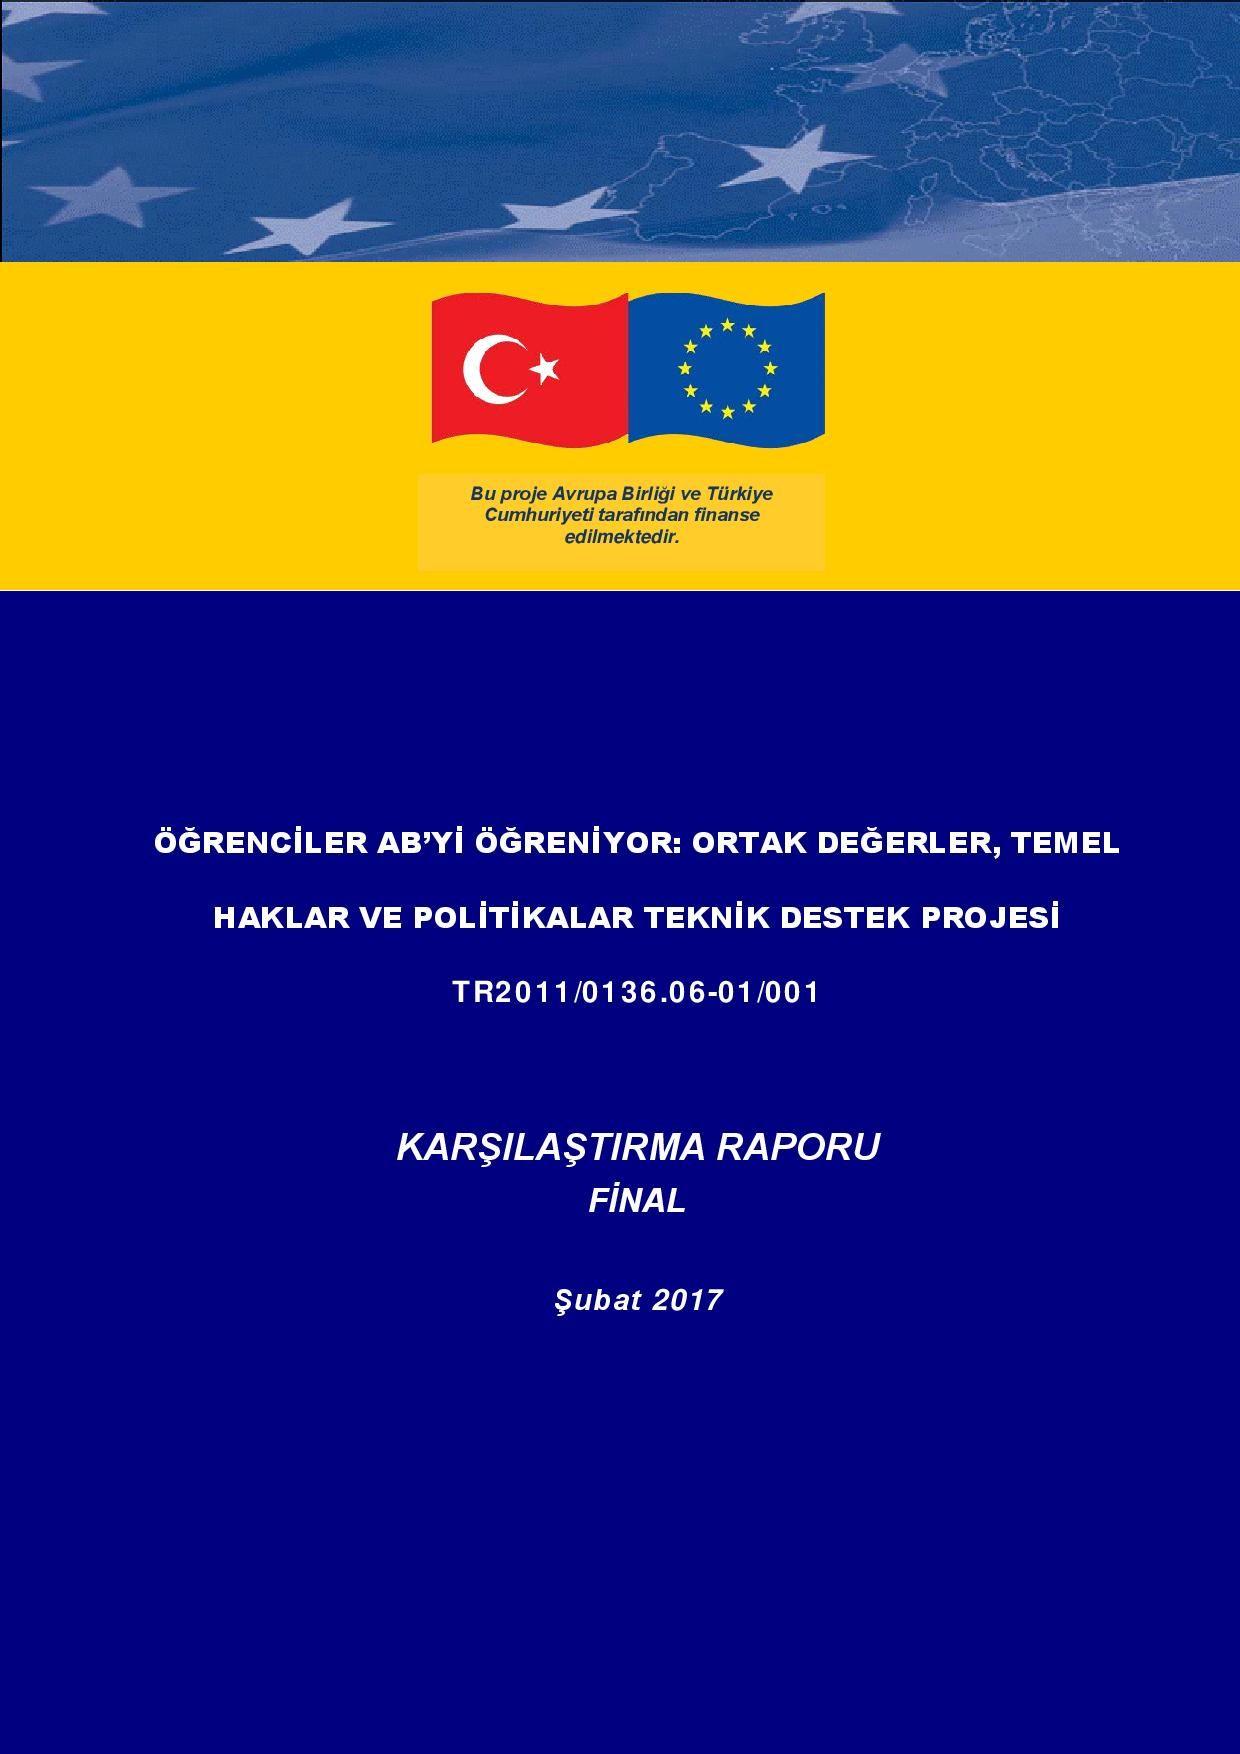 Karsilastirma_raporu_kapak